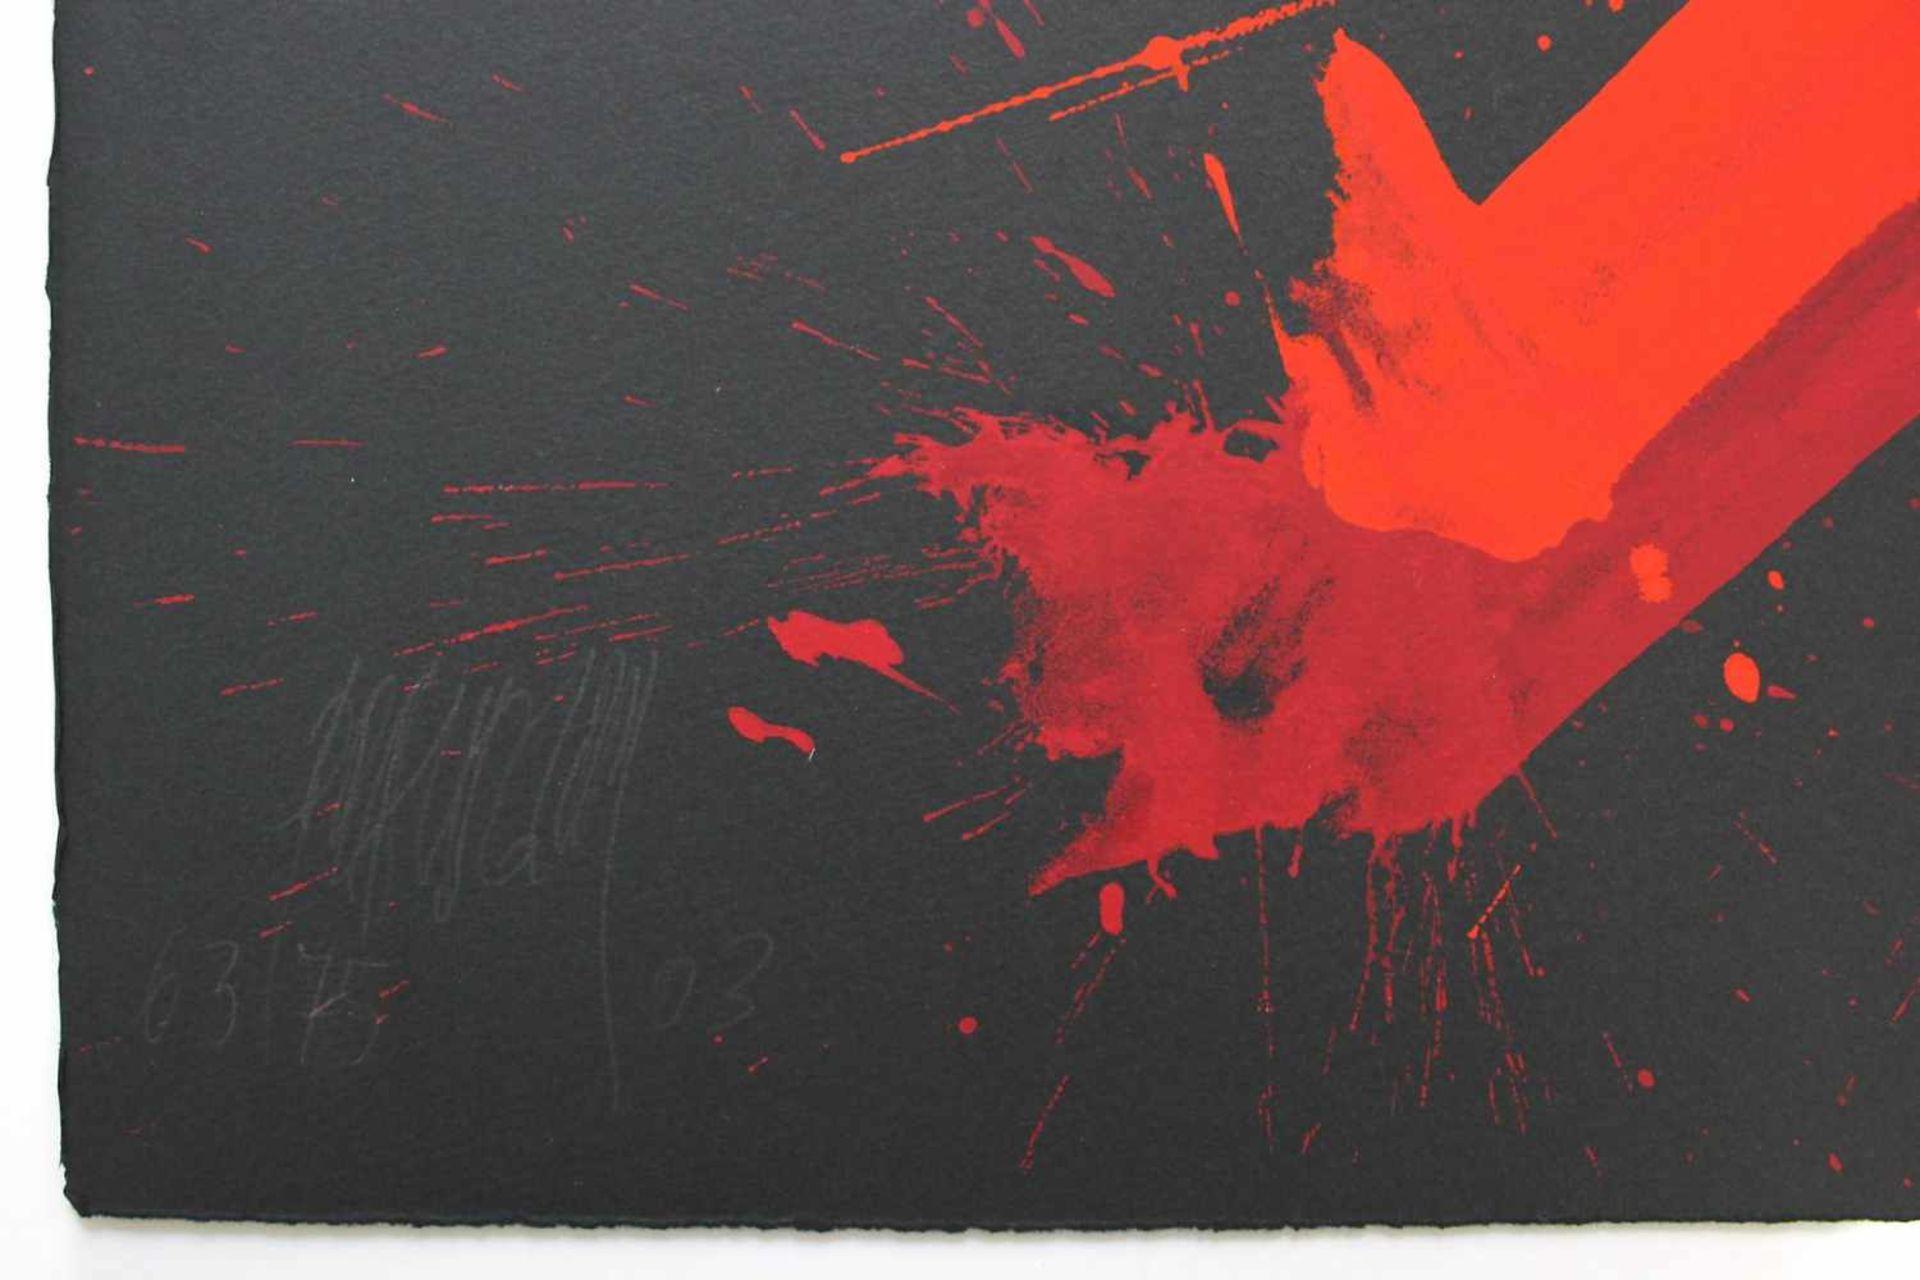 Markus Prachensky 1932-2011 Cinque Terre 2003 Farbserigraphie auf schwarzen Bütten handsigniert, - Bild 2 aus 2